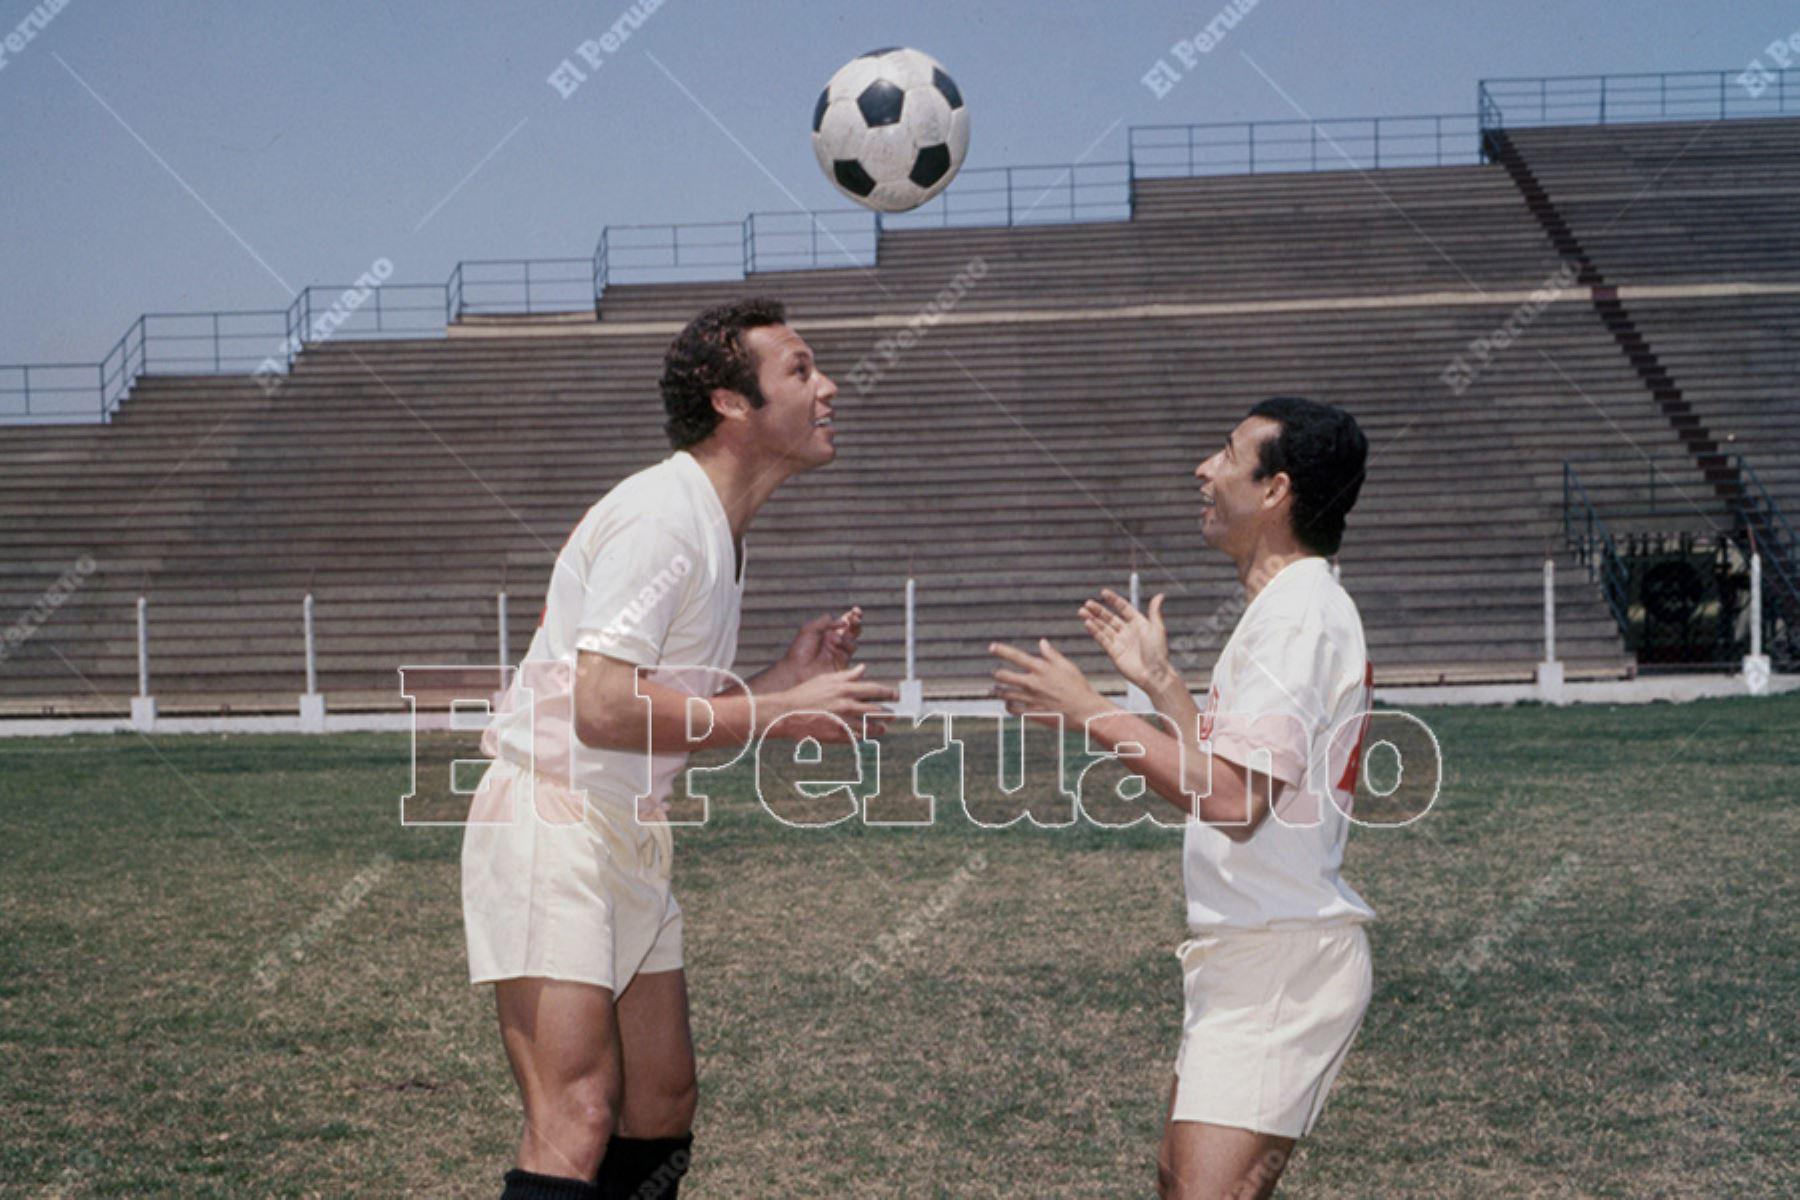 Lima _ Década 1970. Enrique Casaretto (iz); delantero de Universitario de Deportes. Foto: Archivo Histórico de El Peruano